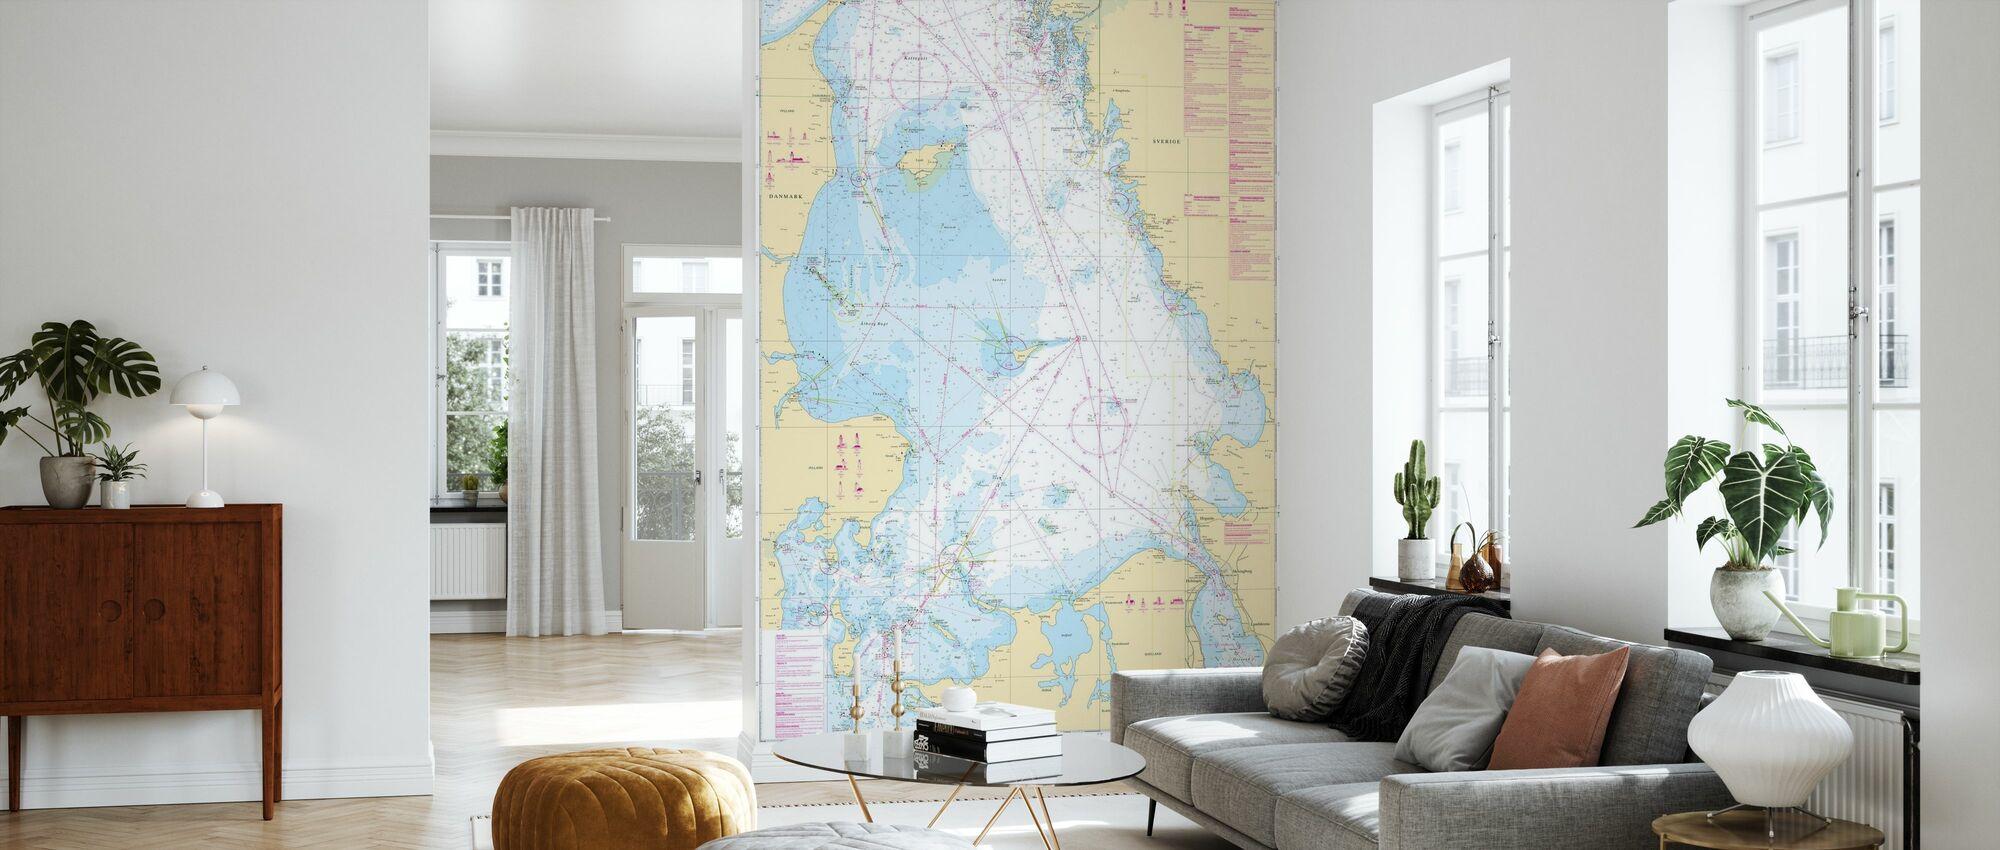 Seekarte 92 - Kattegatt - Tapete - Wohnzimmer